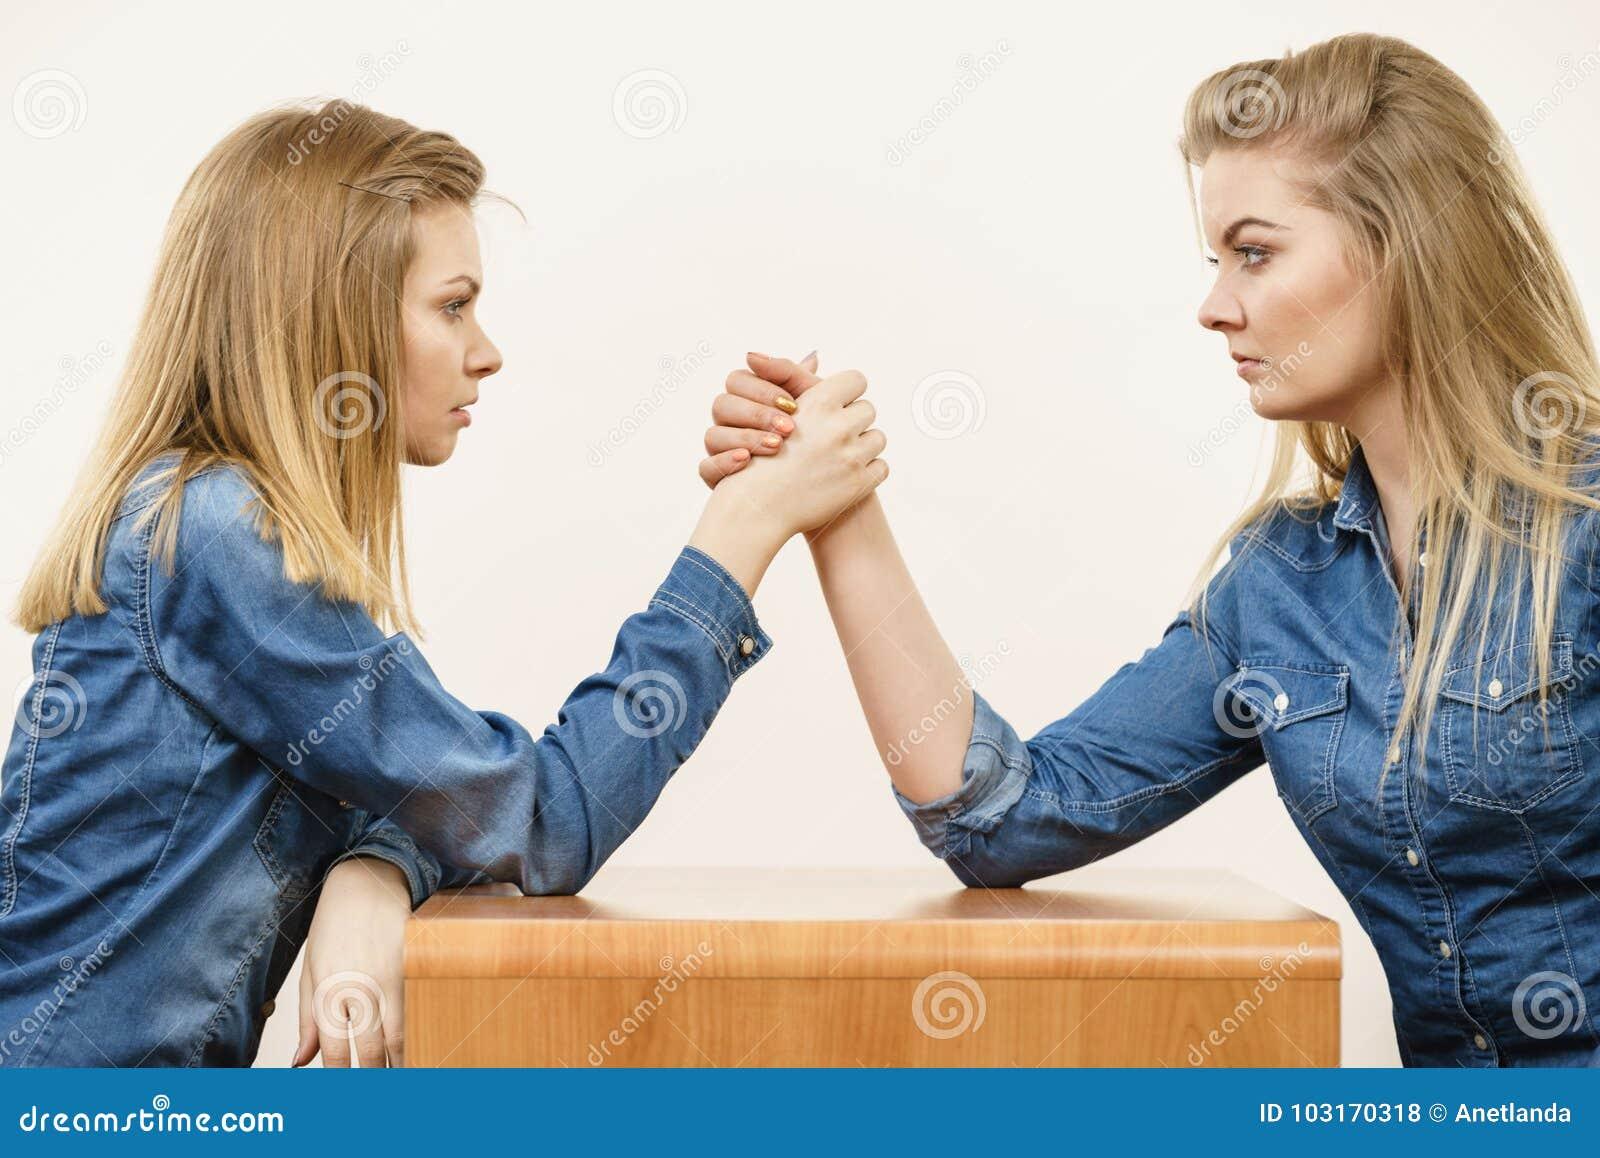 Two brunett lesbians wrestling